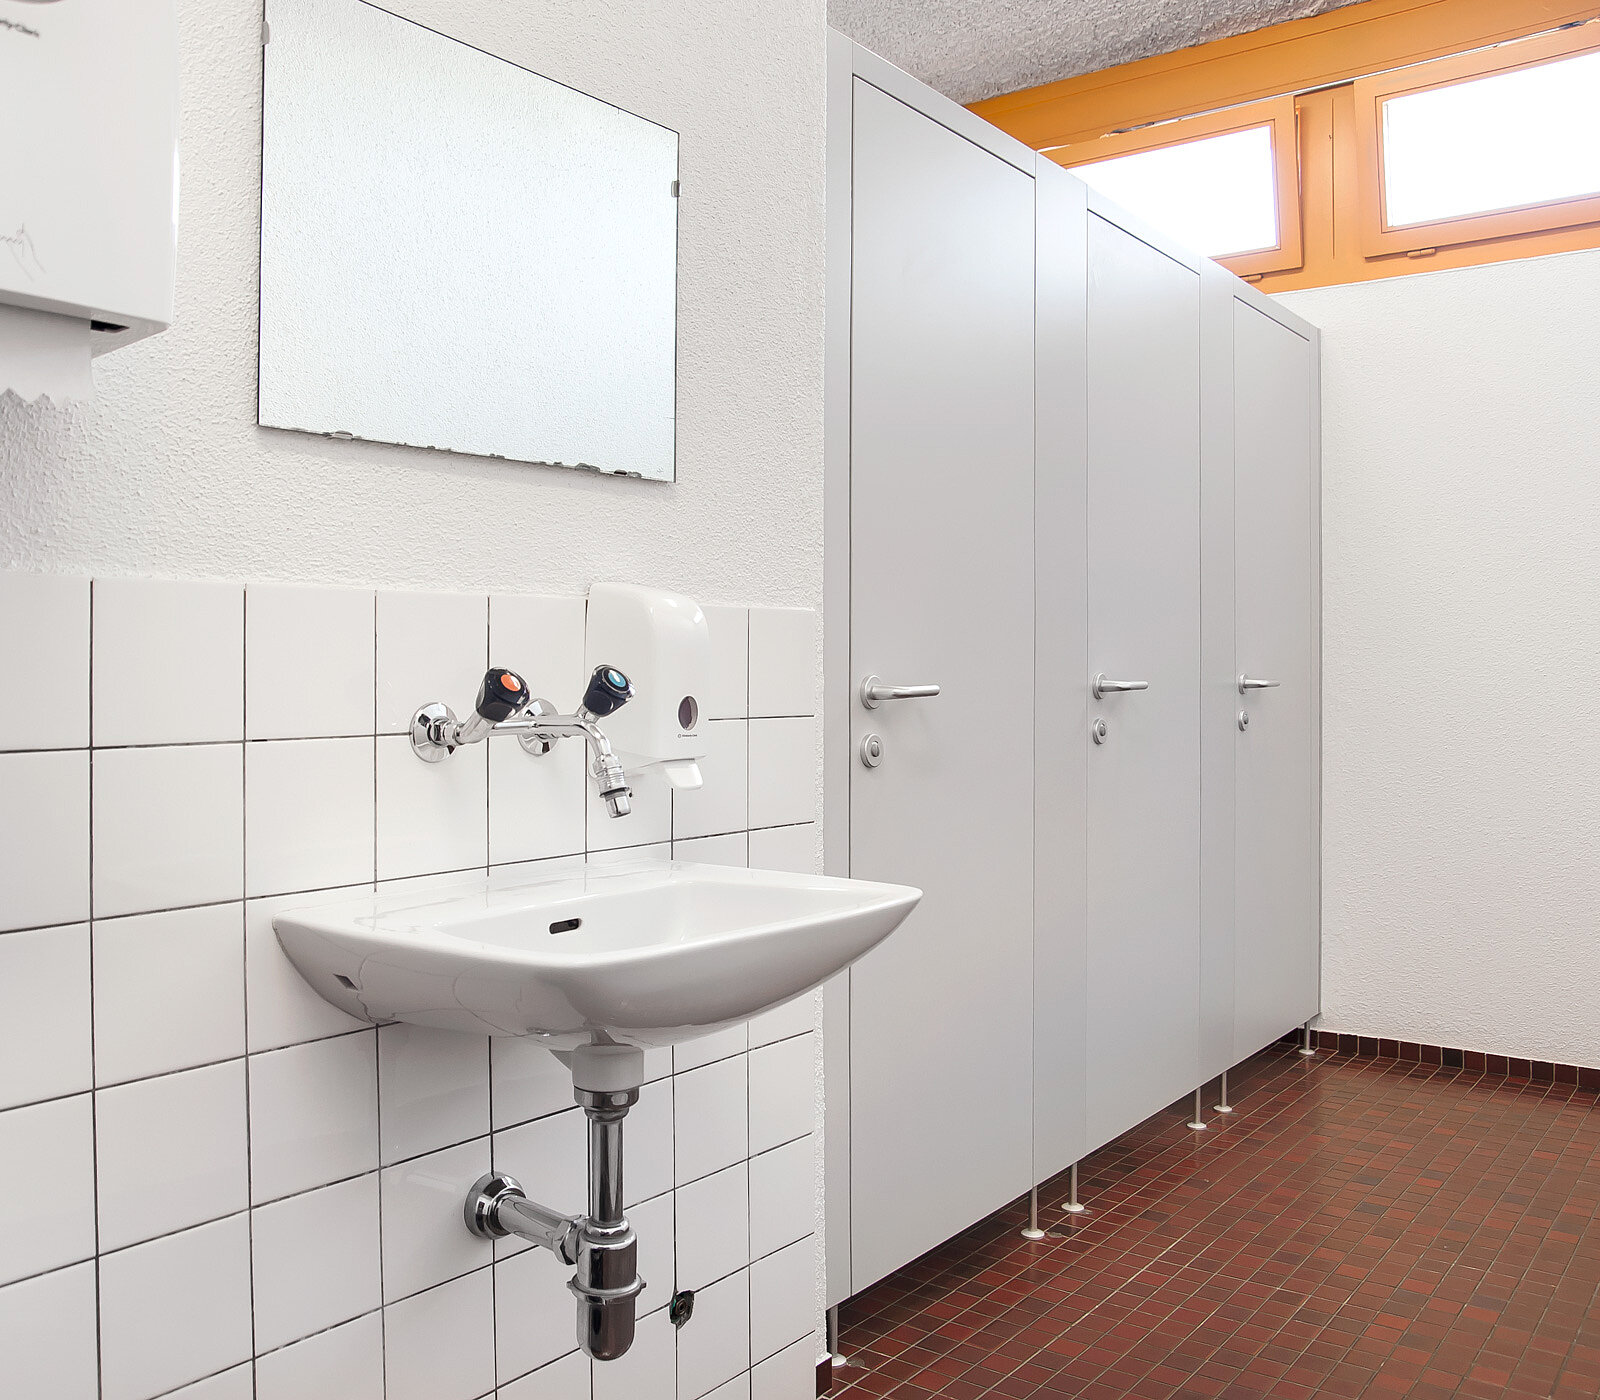 Sanitärtrennwände ➡️ WC Kabinen nach Mass